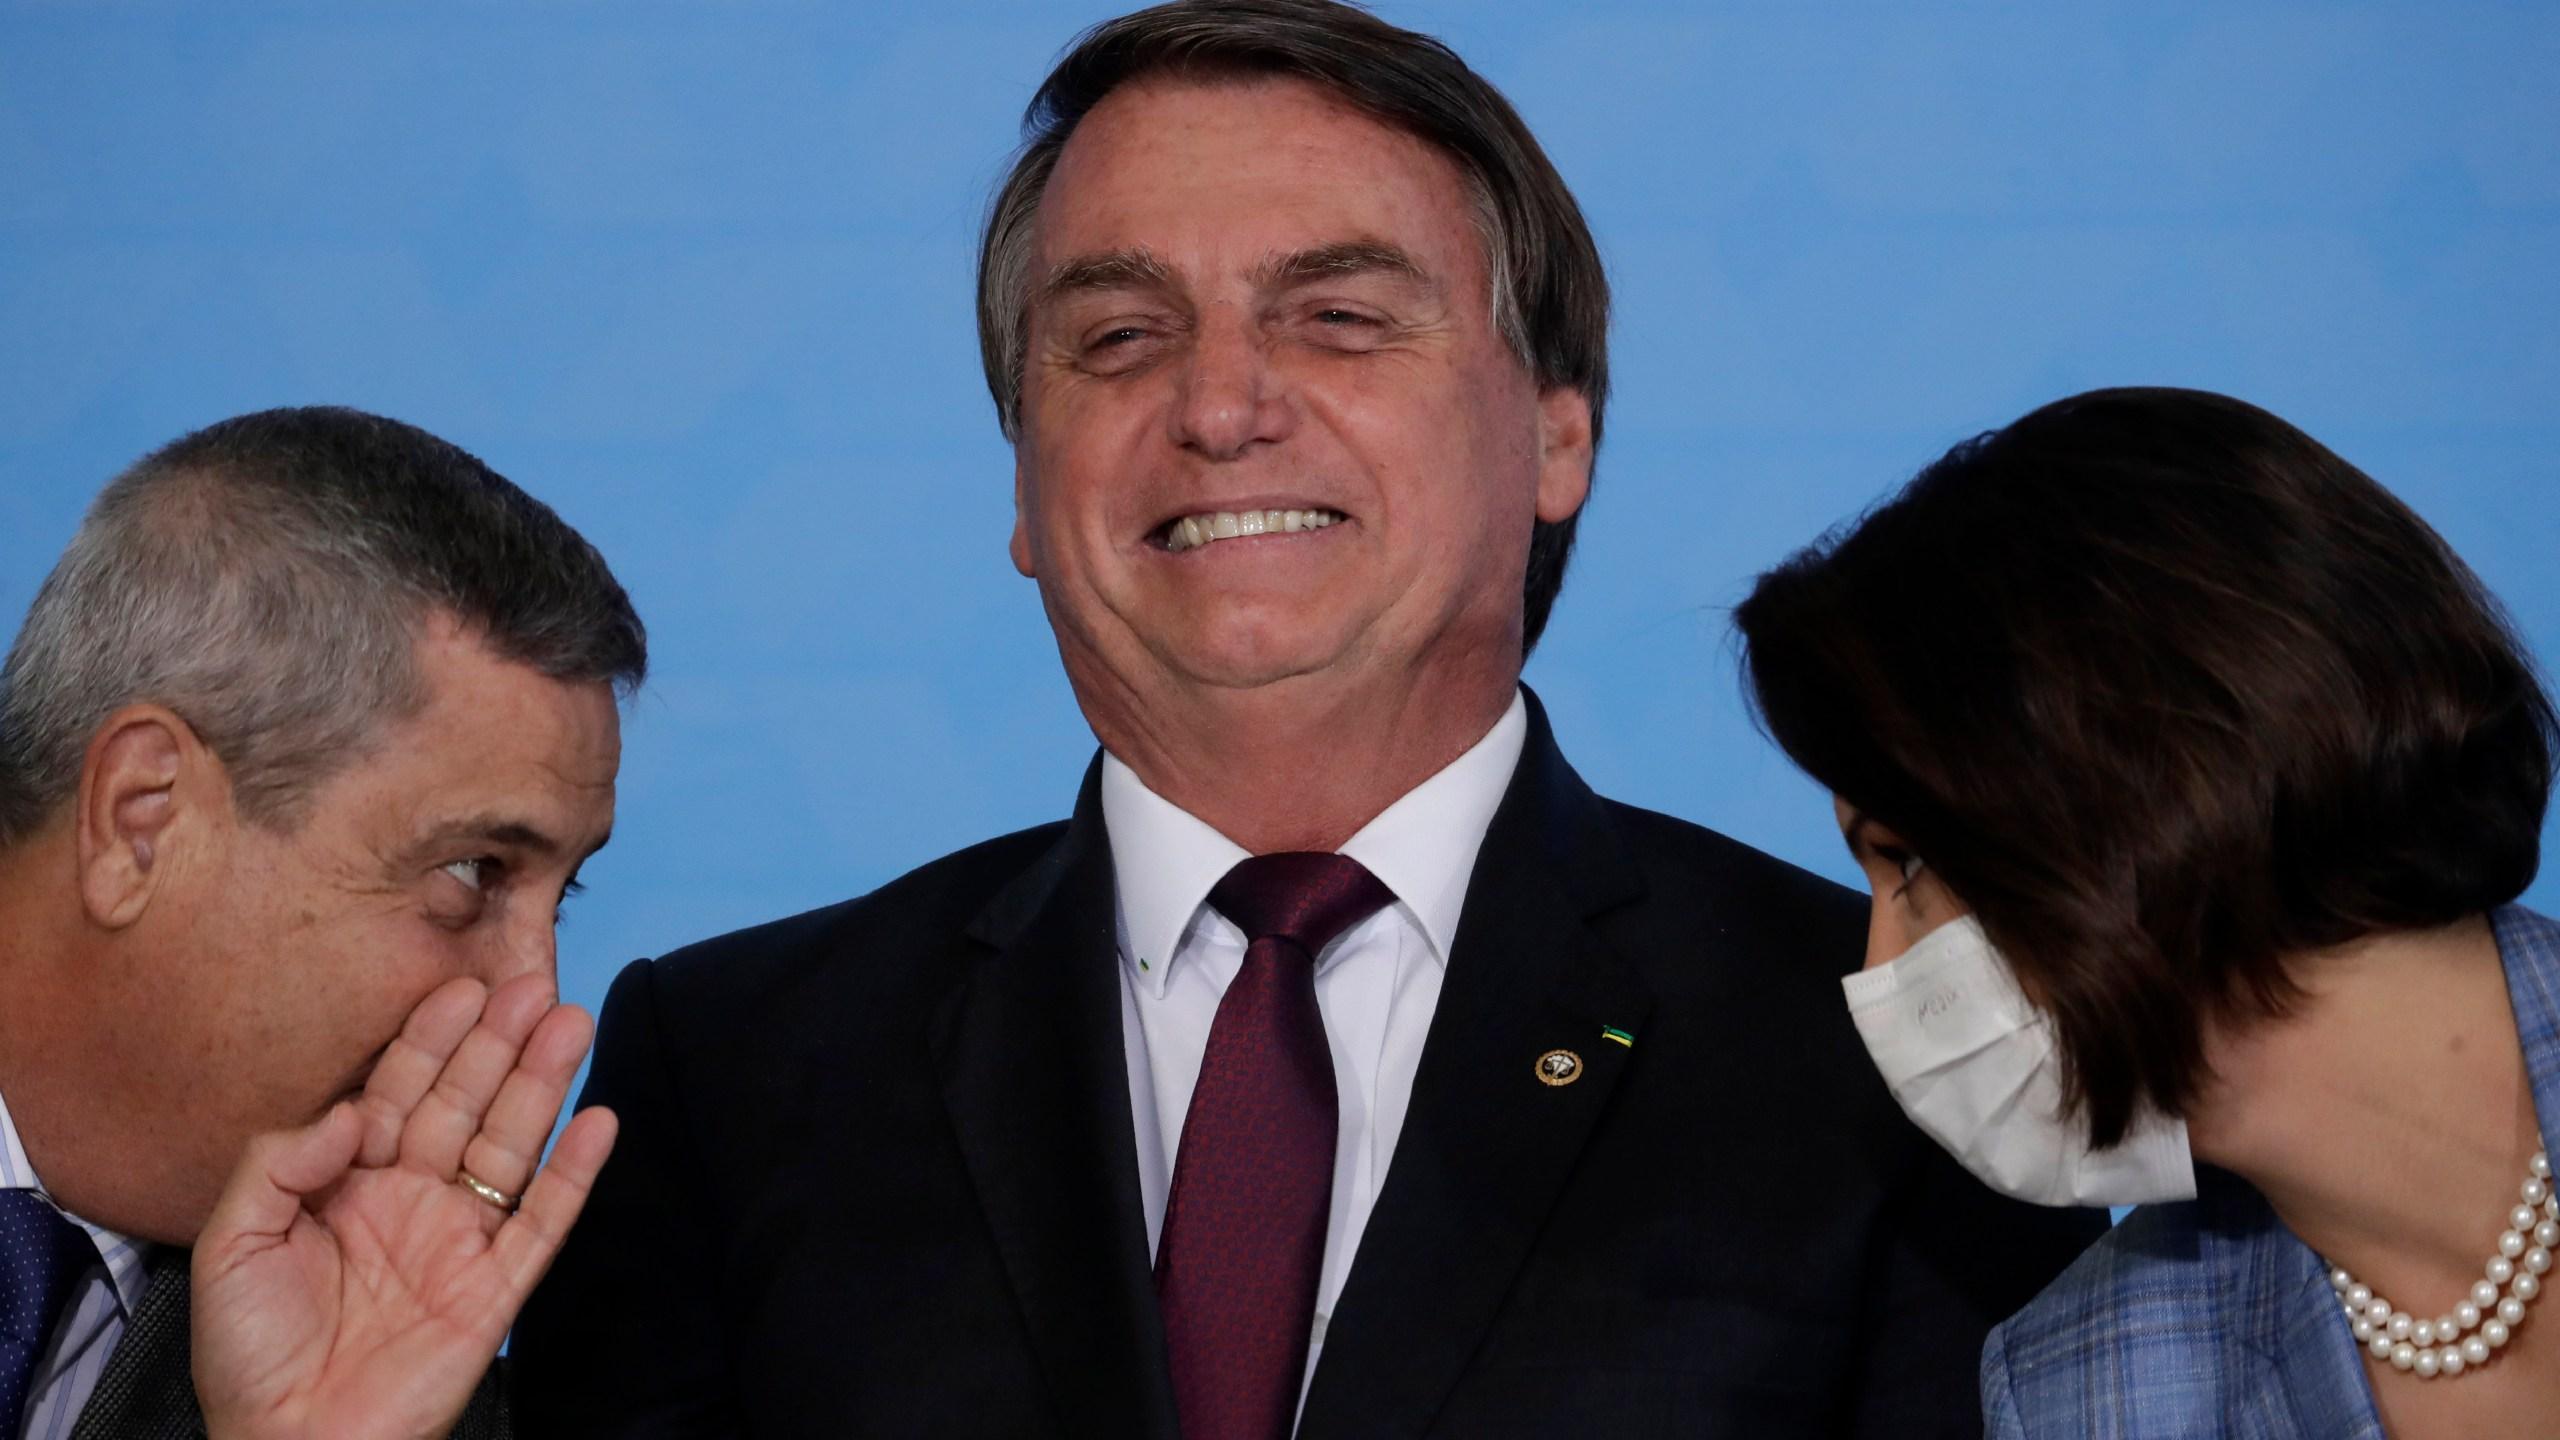 Jair Bolsonaro, Braga Netto, Michelle Bolsonaro